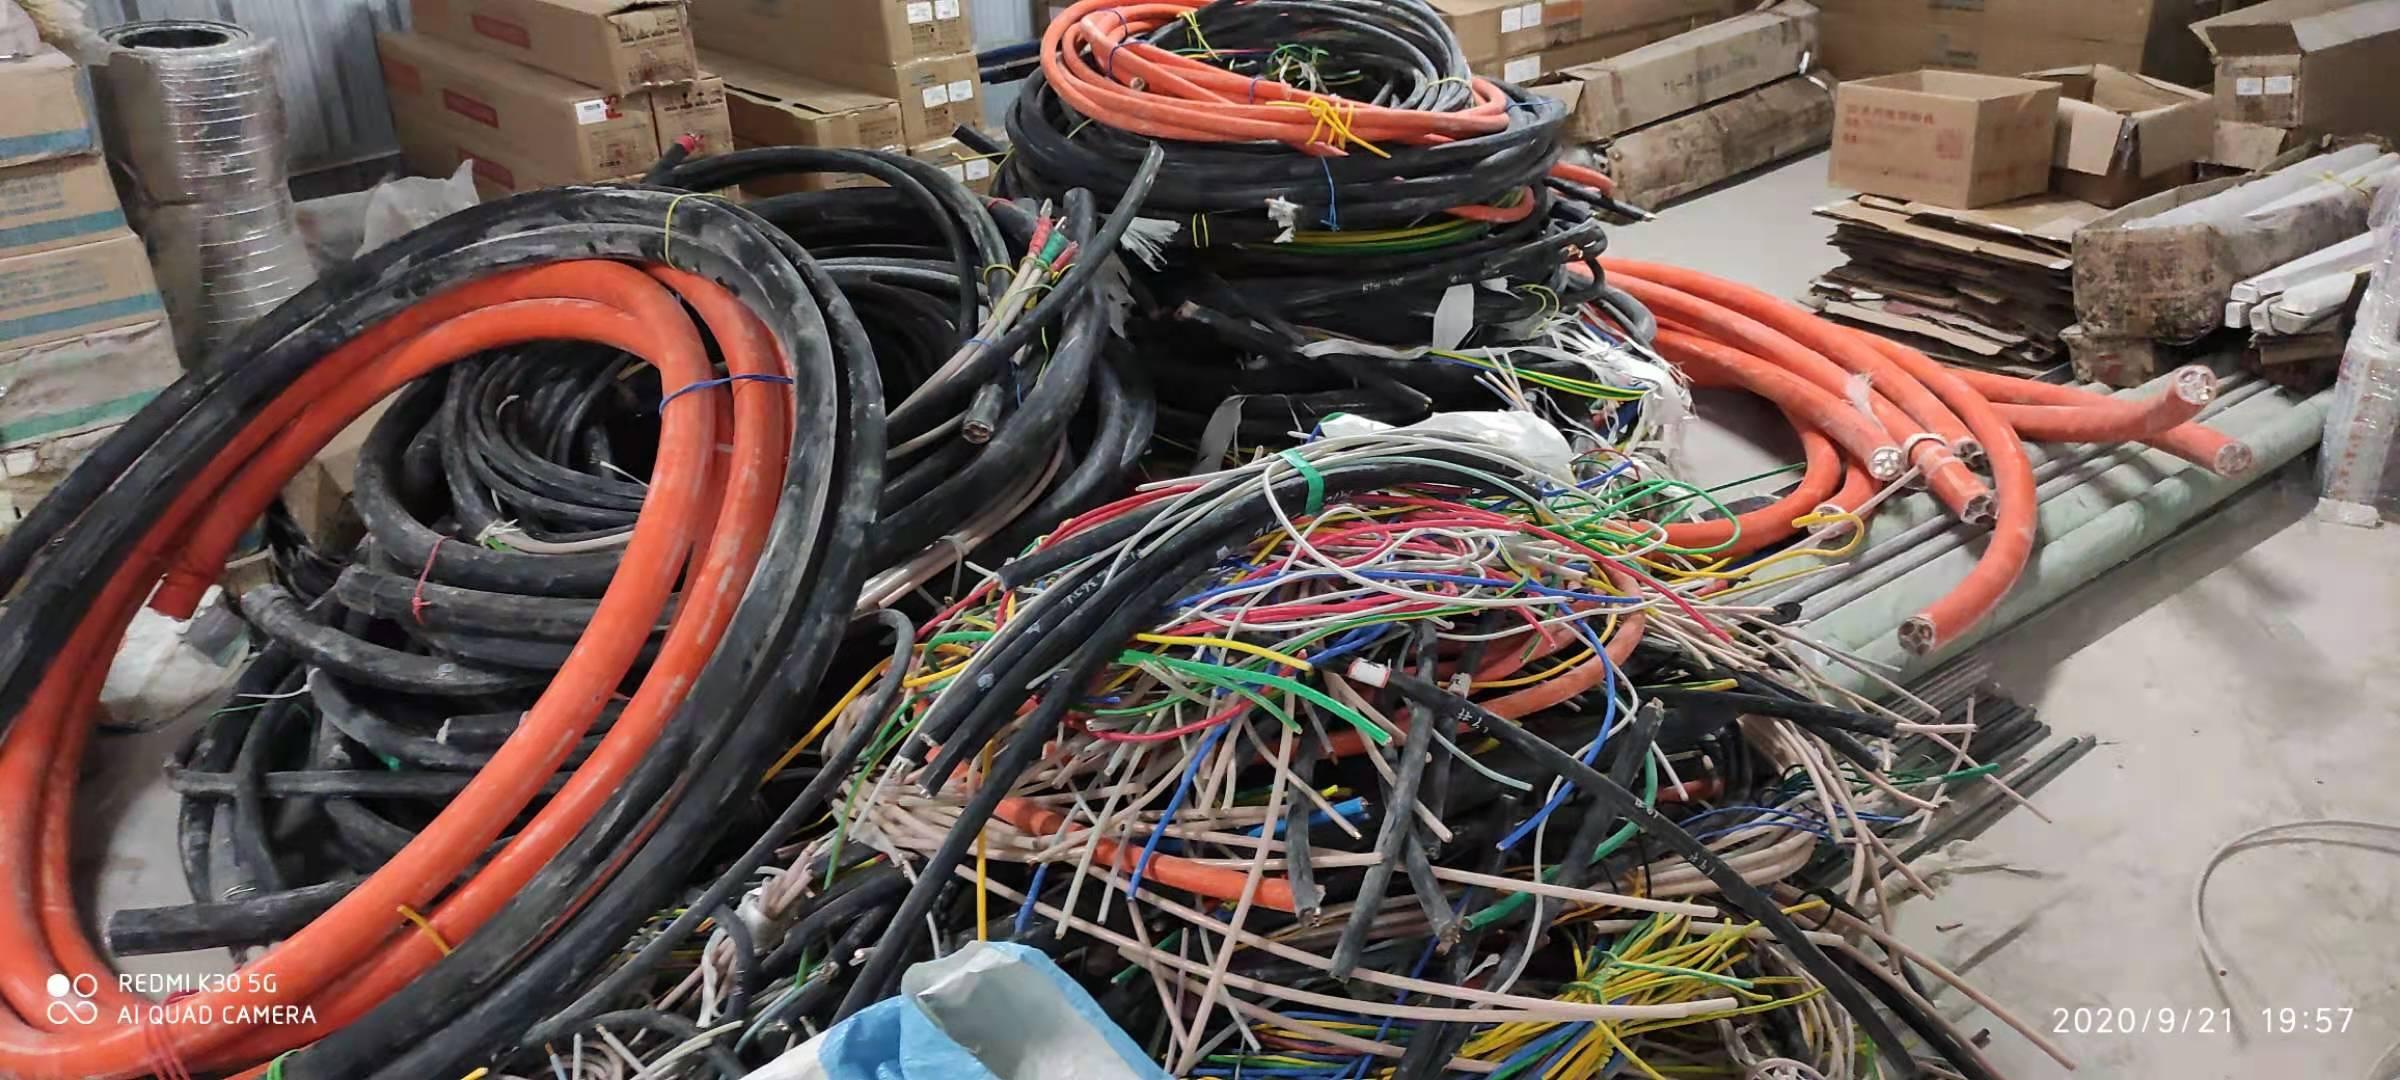 电子废弃物的危害